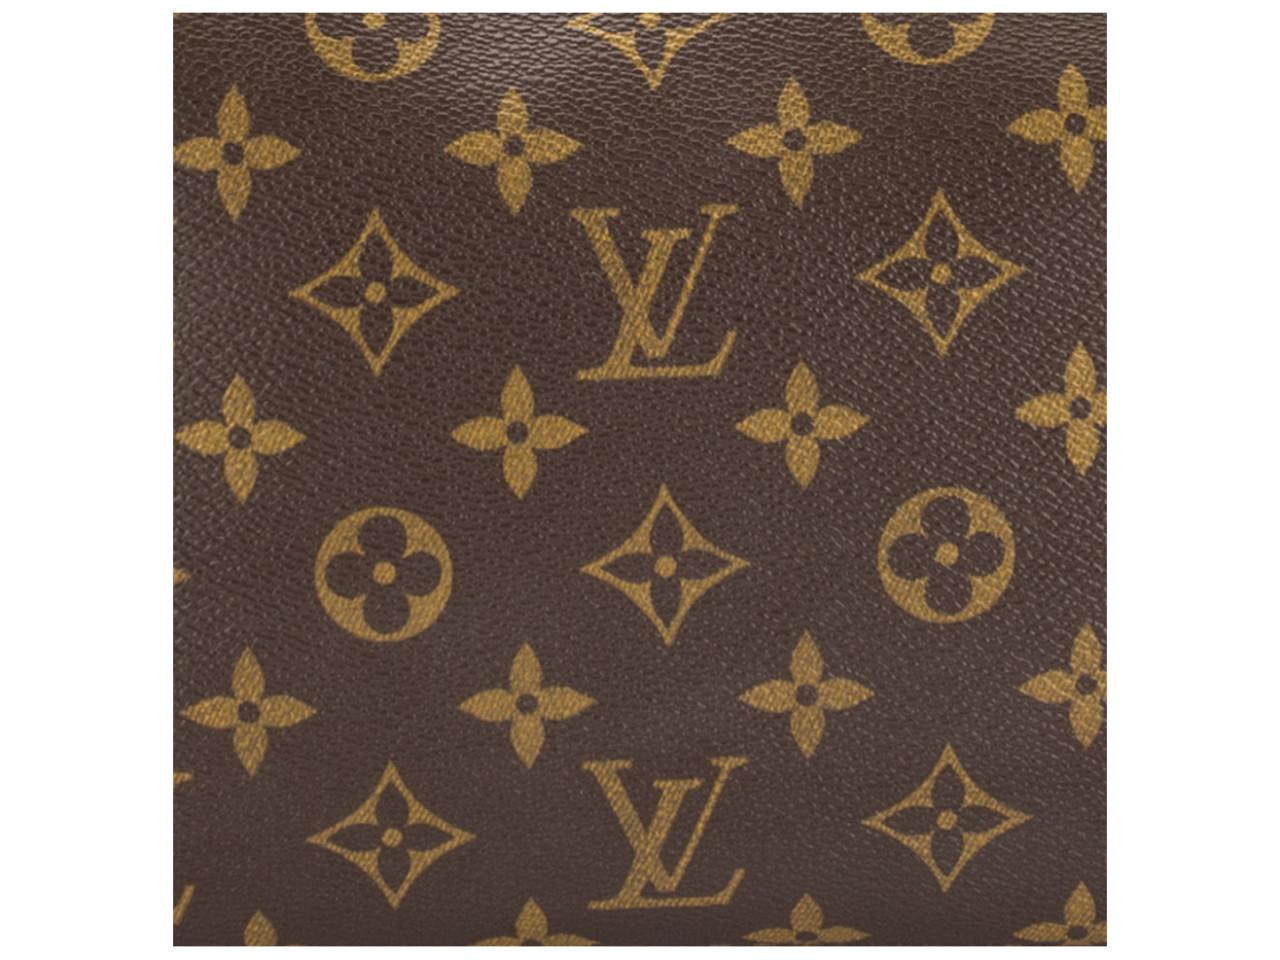 Louis Vuitton, storia del brand  - Niki's Glam Journal